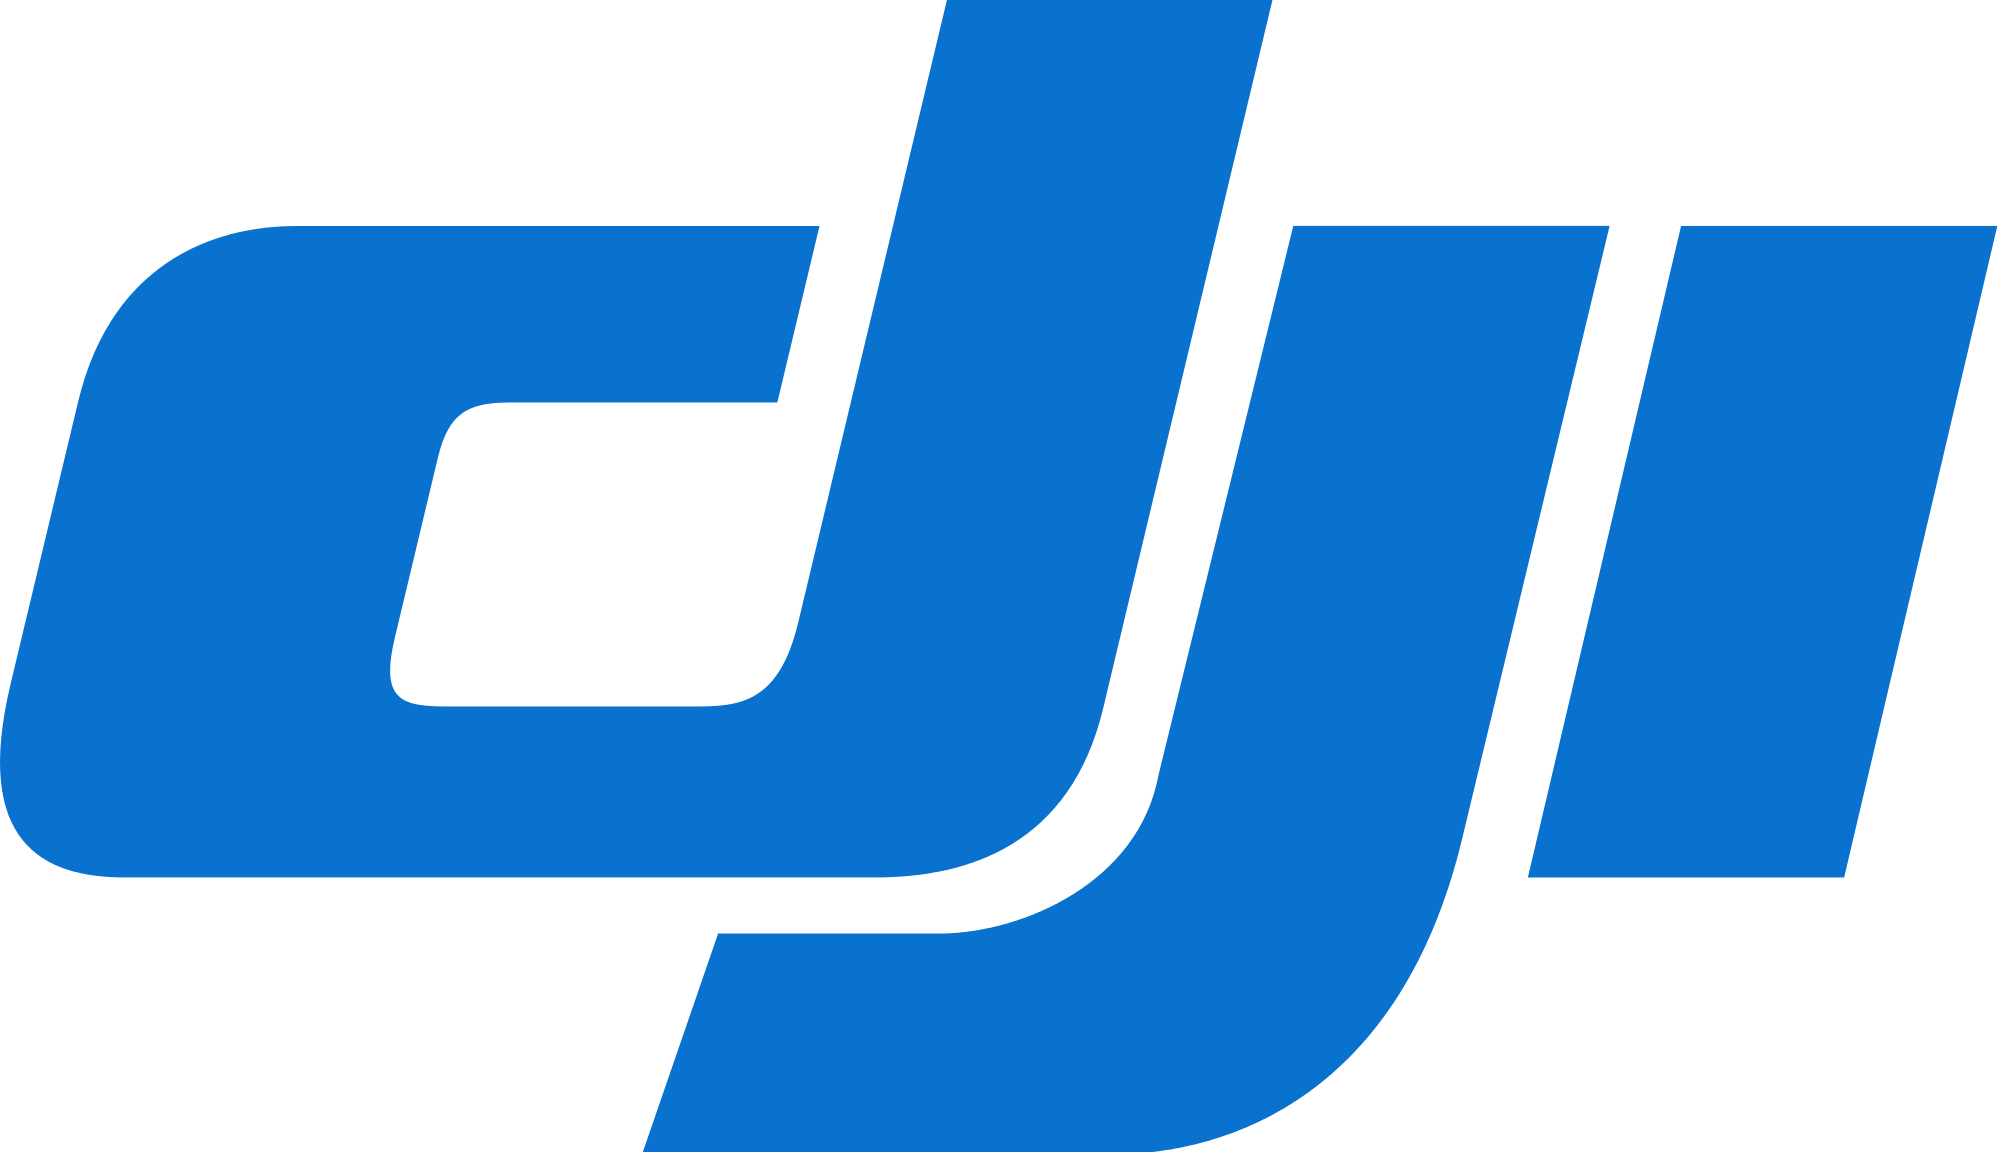 DJI-Drone-Repair